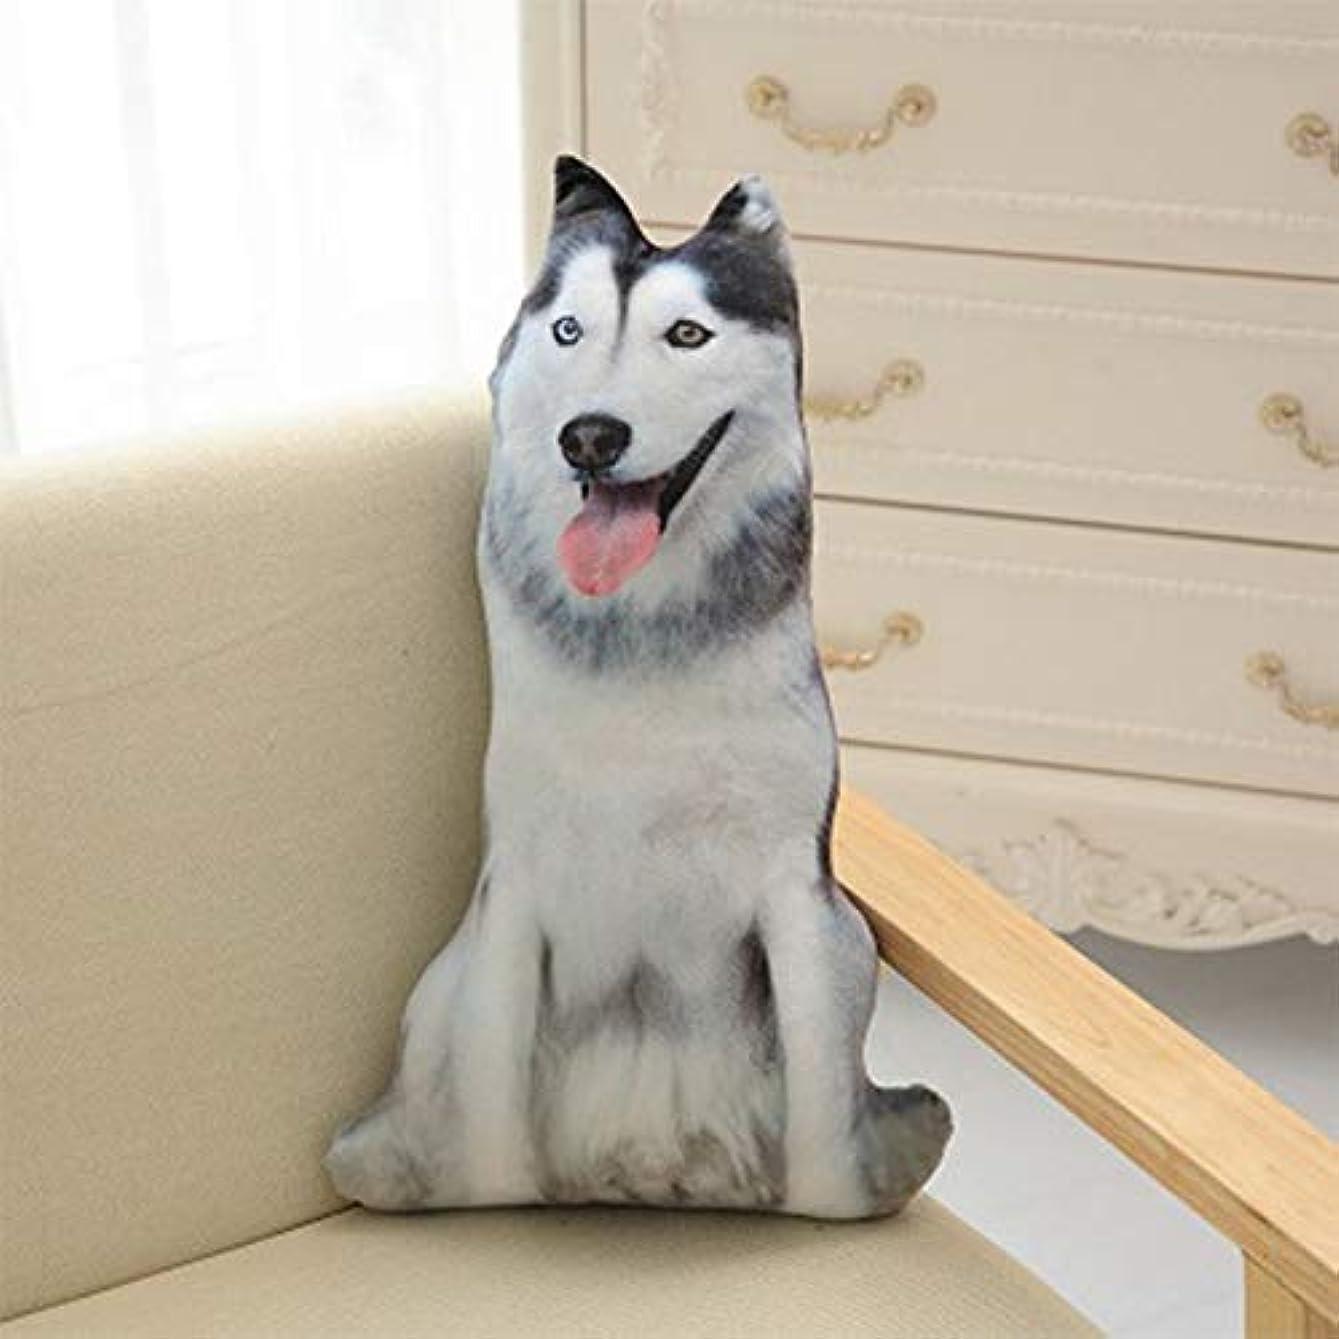 プレゼントバーチャルドリンクLIFE 3D プリントシミュレーション犬ぬいぐるみクッションぬいぐるみ犬ぬいぐるみ枕ぬいぐるみの漫画クッションキッズ人形ベストギフト クッション 椅子